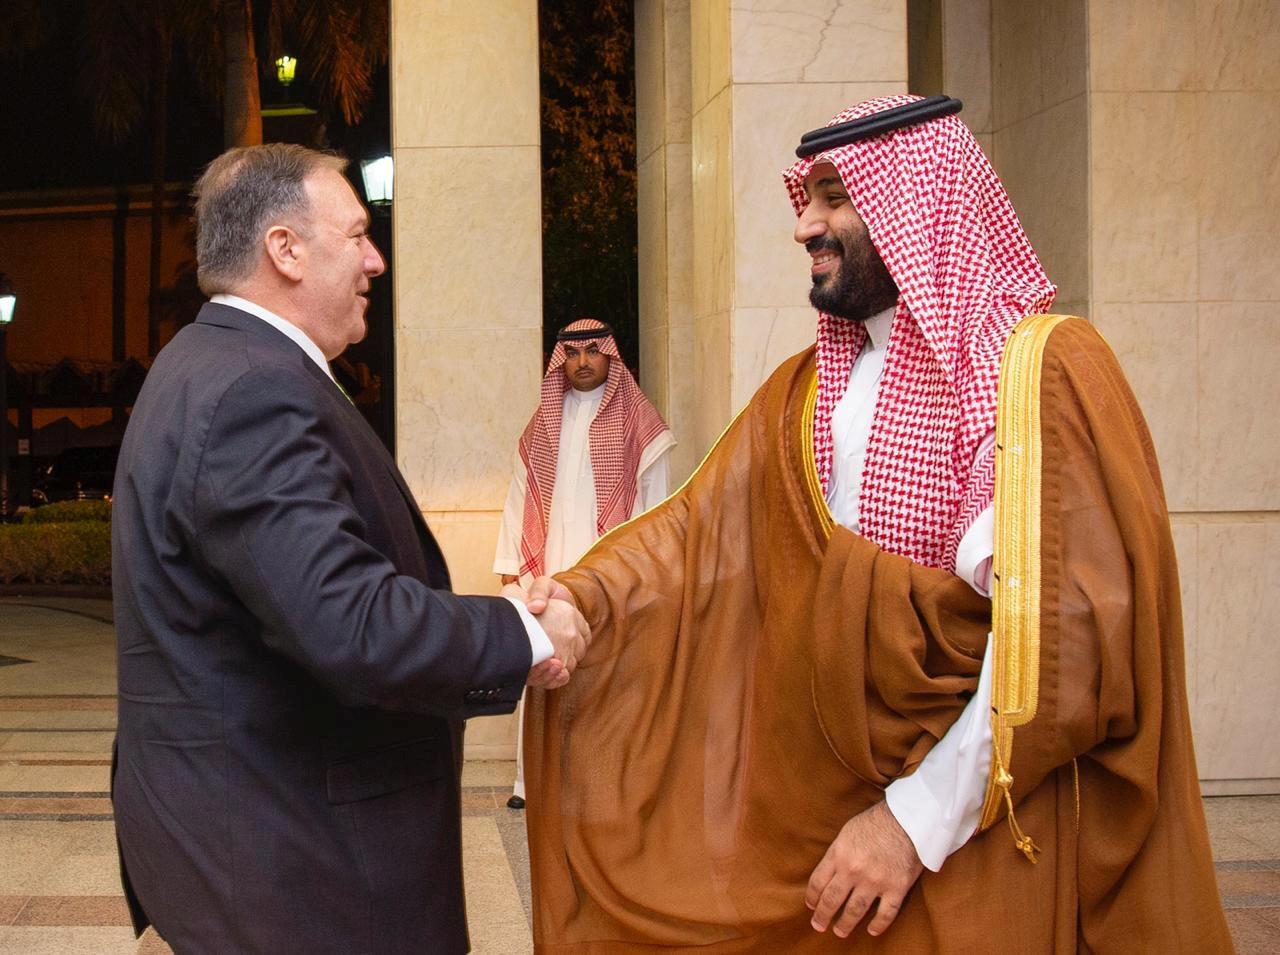 مایک پمپئو پس از ورود به جده با محمد بن سلمان ولیعهد عربستان دیدار کرد